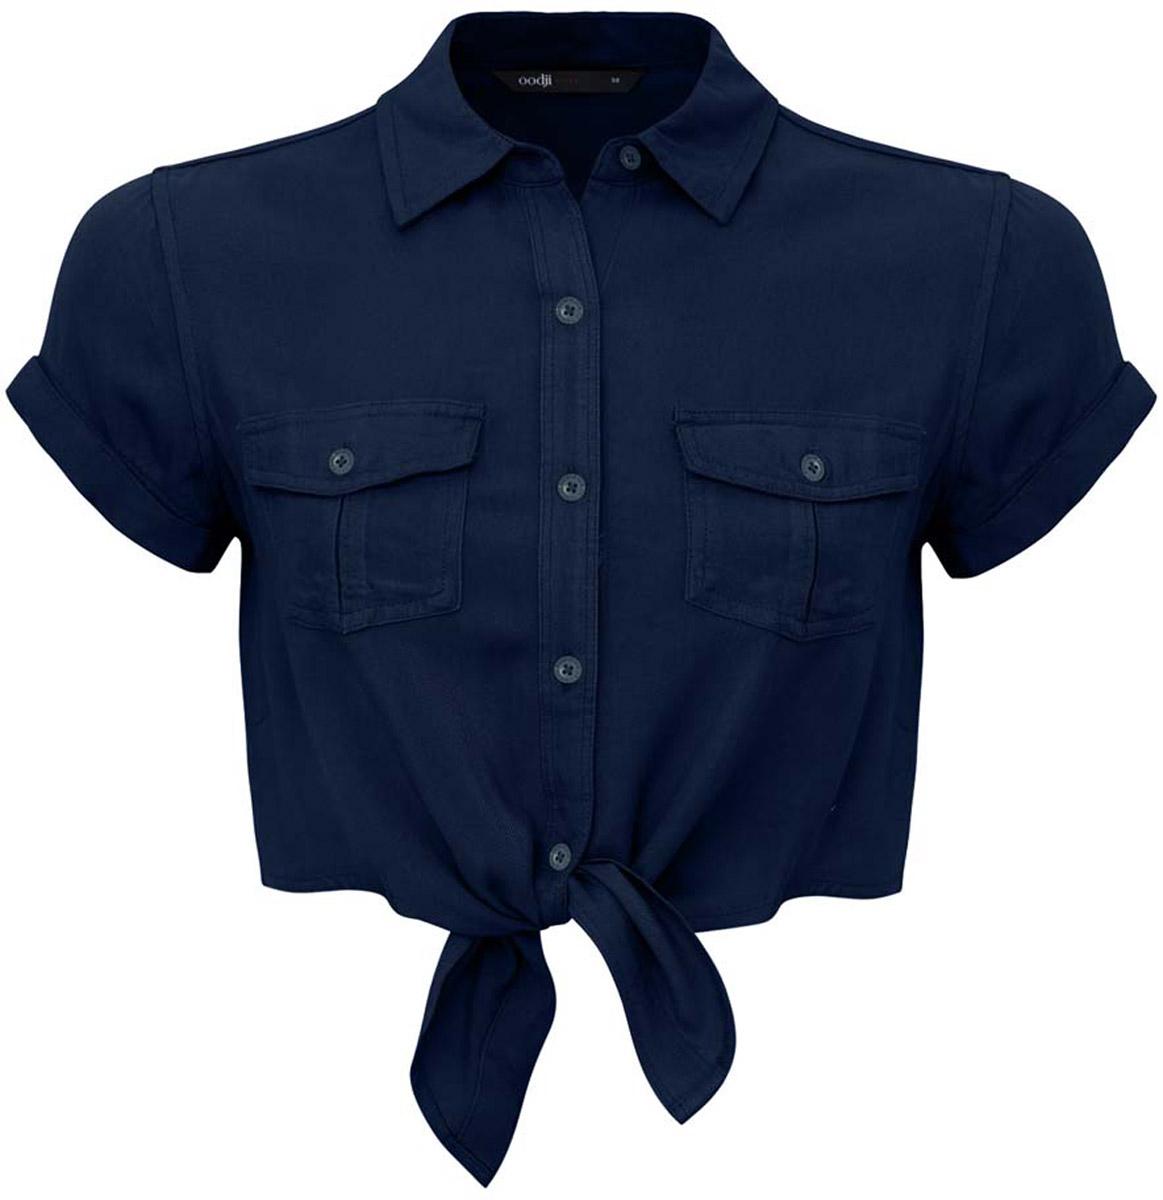 11400429/42828/7900NУкороченная блузка oodji Ultra выполнена из вискозы. Модель с отложным воротником и короткими рукавами застегивается с помощью пуговиц. Блузка дополнена накладными карманами, закрывающимися клапанами на пуговицы. Рукава дополнены подворотами.